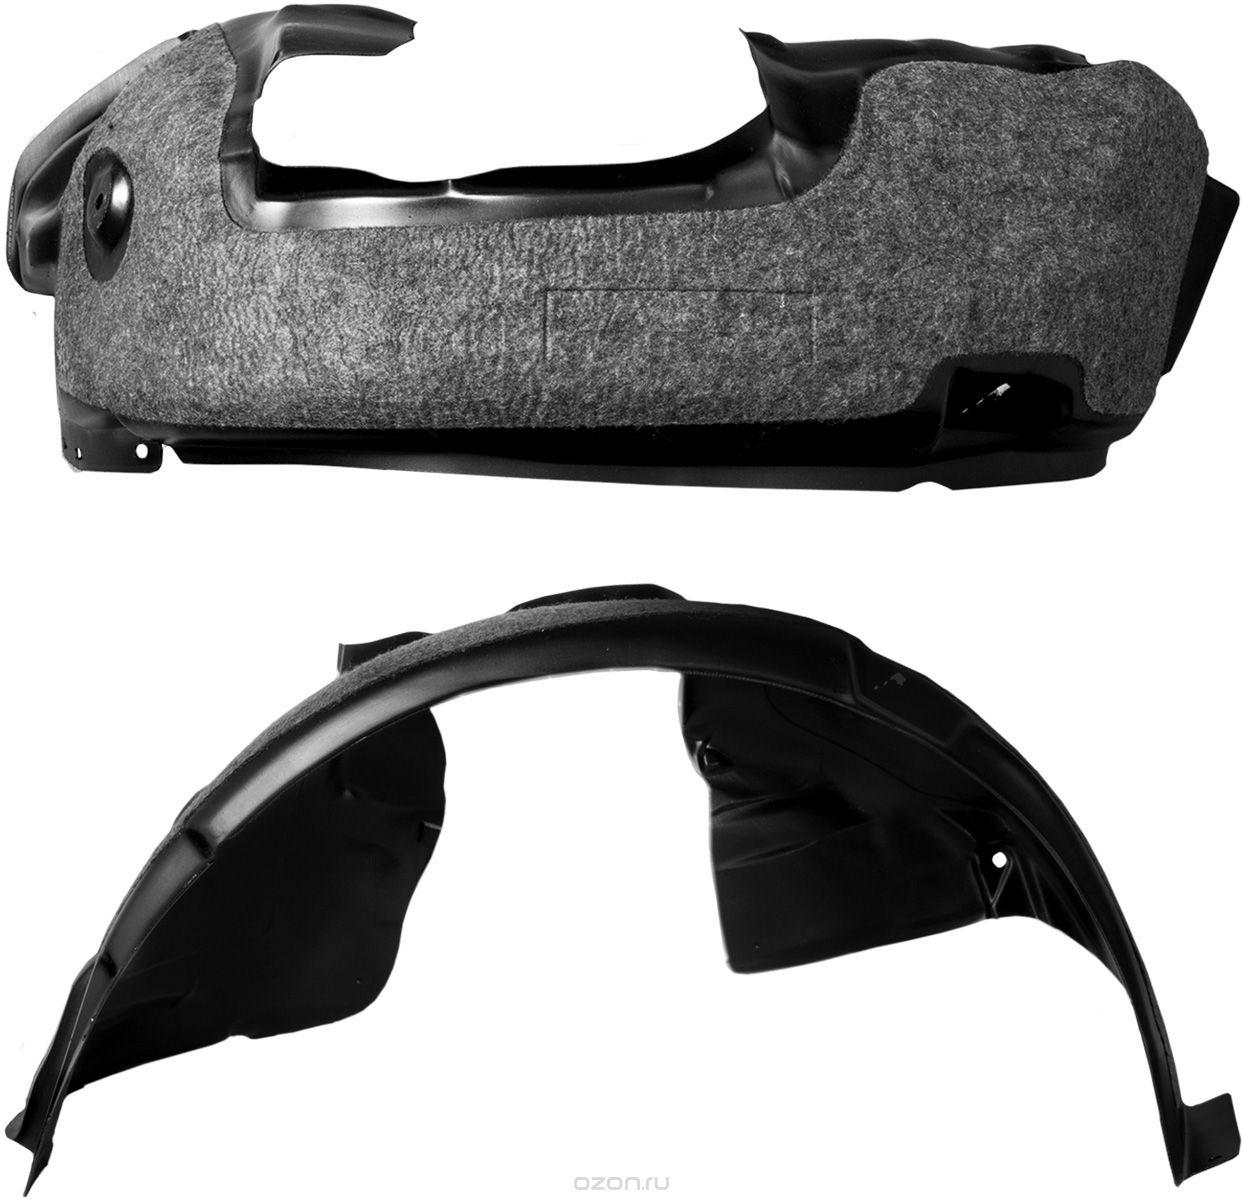 Подкрылок Novline-Autofamily с шумоизоляцией, для Ravon Nexia R3, 03/2016->, передний левыйNLS.102.02.001Идеальная защита колесной ниши. Локеры разработаны с применением цифровых технологий, гарантируют максимальную повторяемость поверхности арки. Изделия устанавливаются без нарушения лакокрасочного покрытия автомобиля, каждый подкрылок комплектуется крепежом. Уважаемые клиенты, обращаем ваше внимание, что фотографии на подкрылки универсальные и не отражают реальную форму изделия. При этом само изделие идет точно под размер указанного автомобиля.